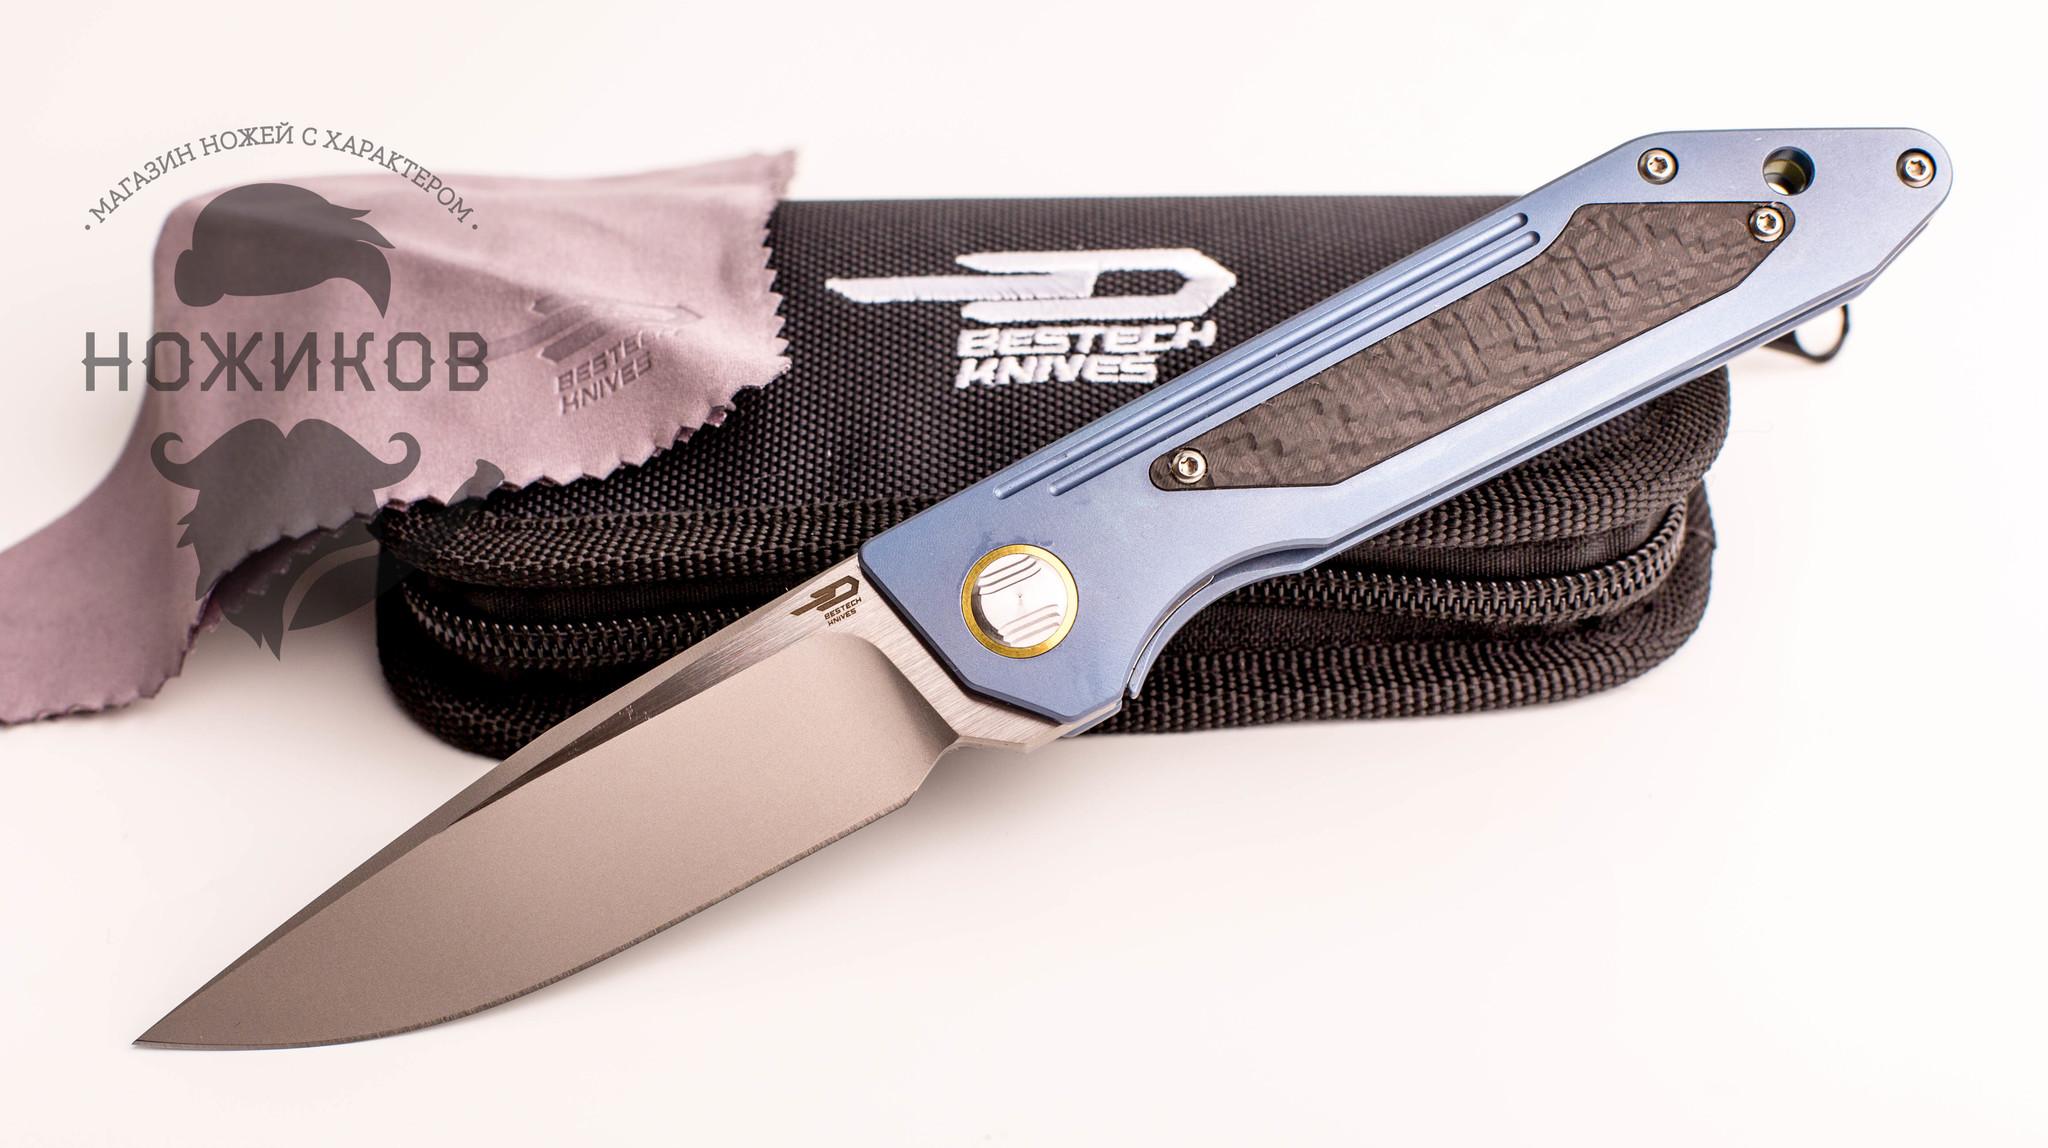 Складной нож Bestech SHINKANZEN BT1803C, сталь CPM-S35VN, рукоять титанОт складного ножа часто не ждут ничего кроме обычной бытовой работы. Однако, модель SHINKANZEN BT1803C позволяет по-новому взглянуть на этот тип ножей. Этот стильный и брутальный аксессуар станет отличным дополнением к вашей домашней коллекции. Сталь CPM-S35VN из которой выполнен клинок этой модели, выполнена по технологии micro-clean и считается одной из лучших ножевых сталей. Благодаря сложной технологии изготовления сплав получает максимальную однородность и высокую твердость кристаллической структуры. Эта особенность позволяет сохранять бритвенную остроту клинка в течение длительных периодов времени. Накладки рукояти выполнены из супер легкого титанового сплава, который применяется в космической отрасли для создания узлов и деталей. Это максимально легкий и надежный материал. В комплекте с ножом вы найдете стильный чехол на молнии и салфетку для ухода за клинком.